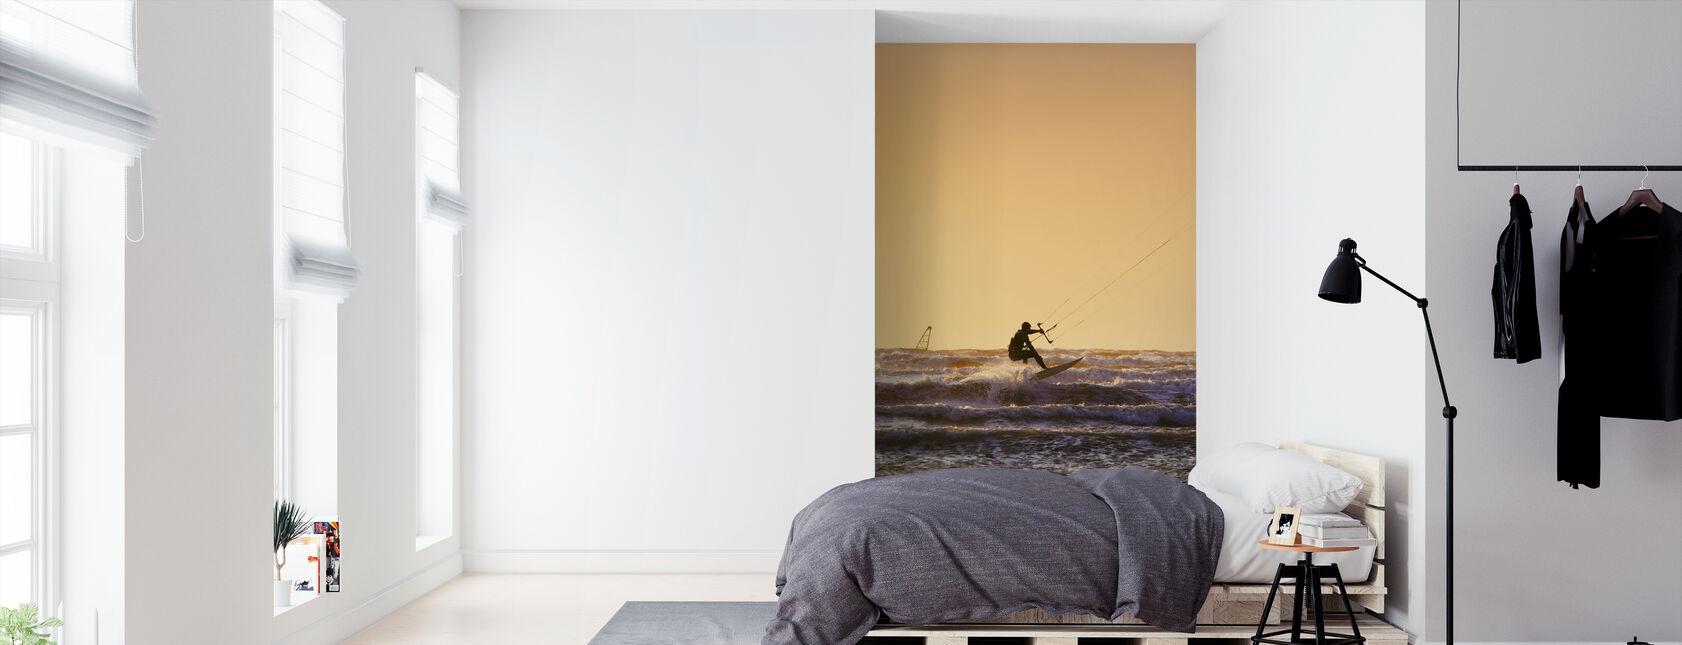 Halland Wind Surfing - Wallpaper - Bedroom